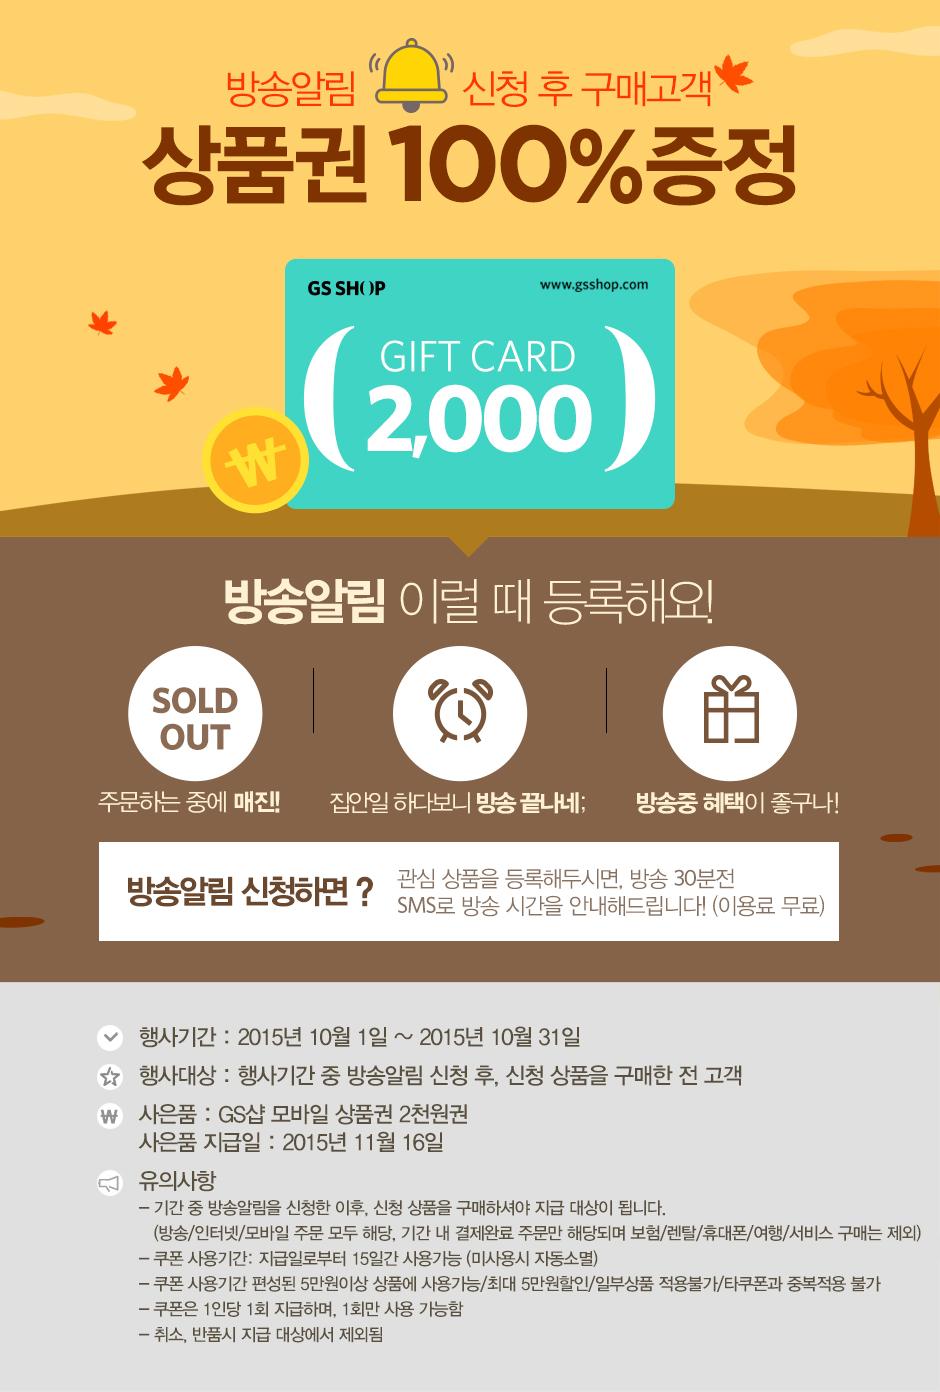 http://image.gsshop.com/planprd/banner_ETC/26594024_01.jpg